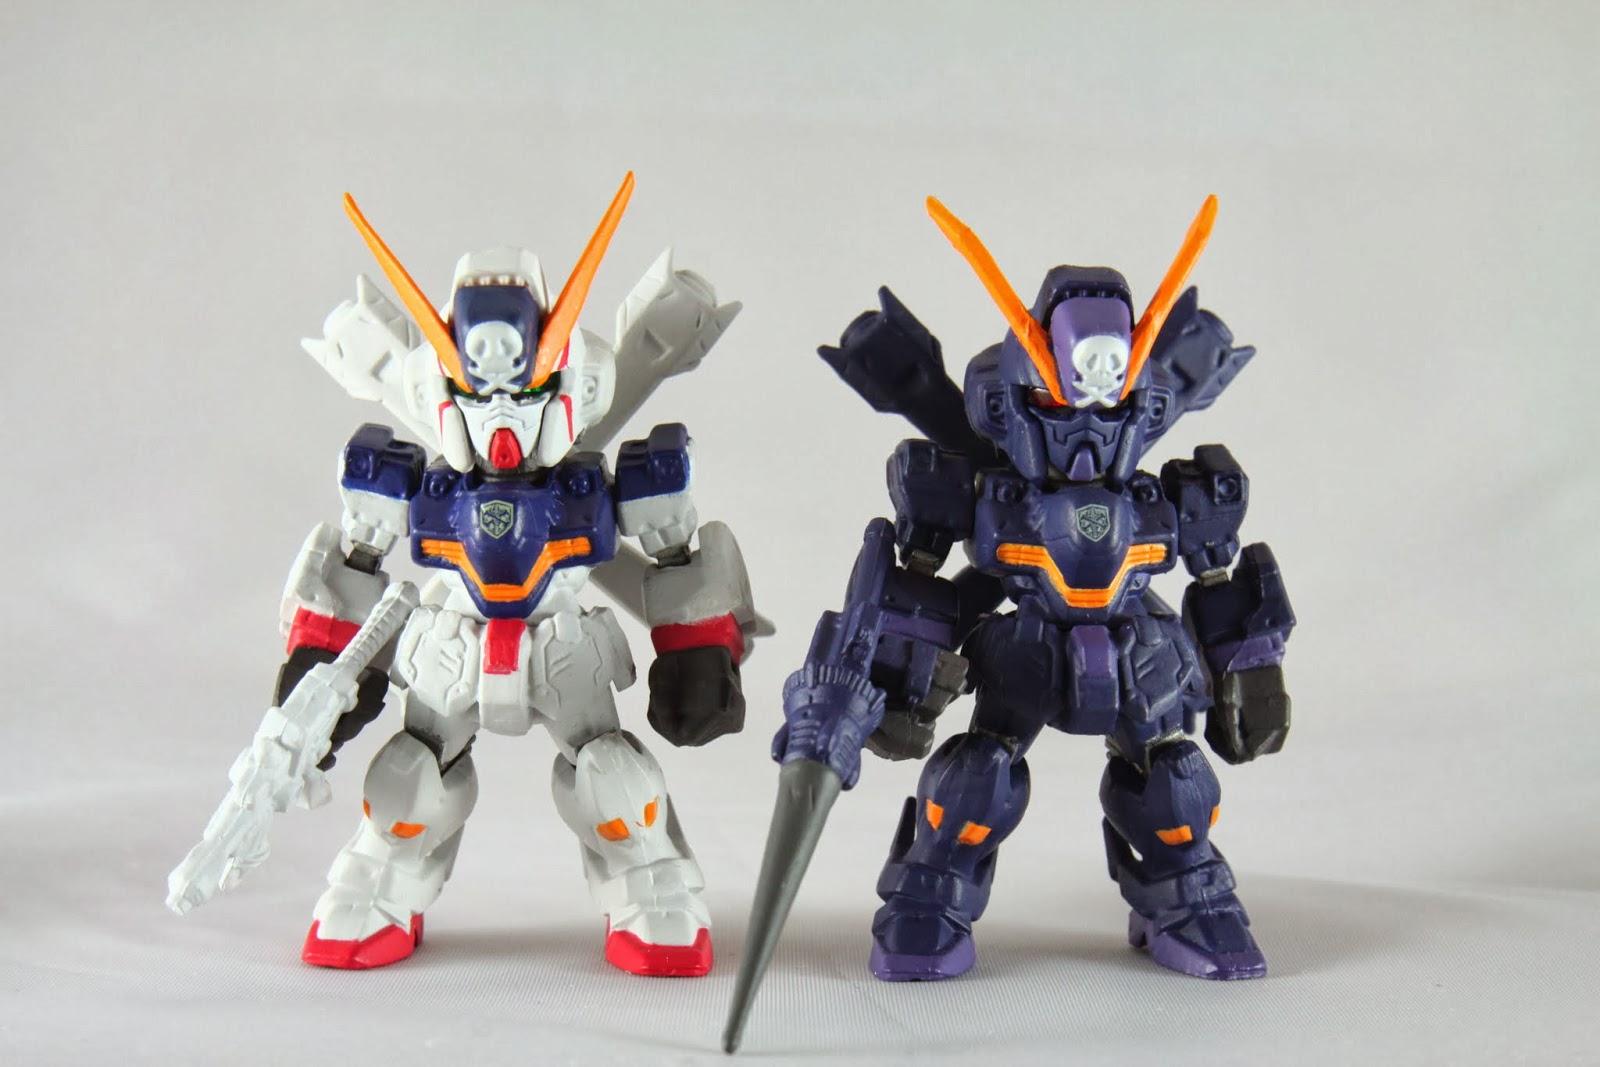 這兩位打起來雖然紫色一直佔上風 但最後是白色贏了~